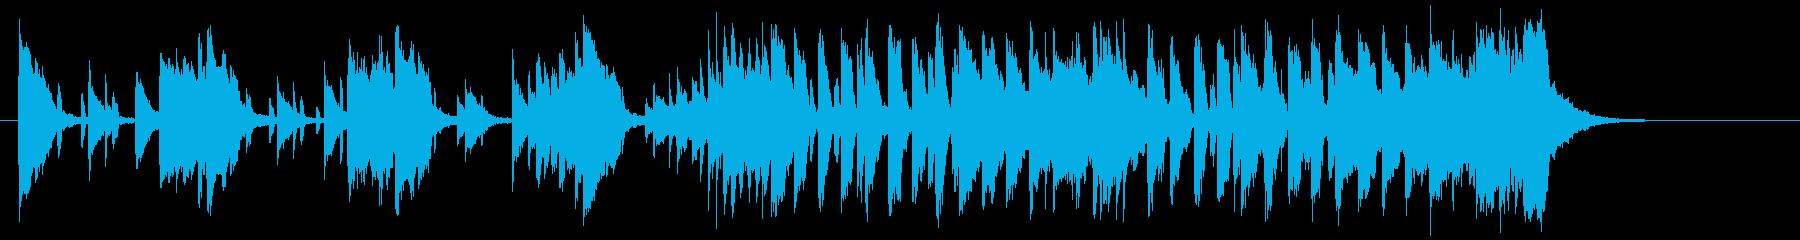 明るく元気のでる音楽の再生済みの波形